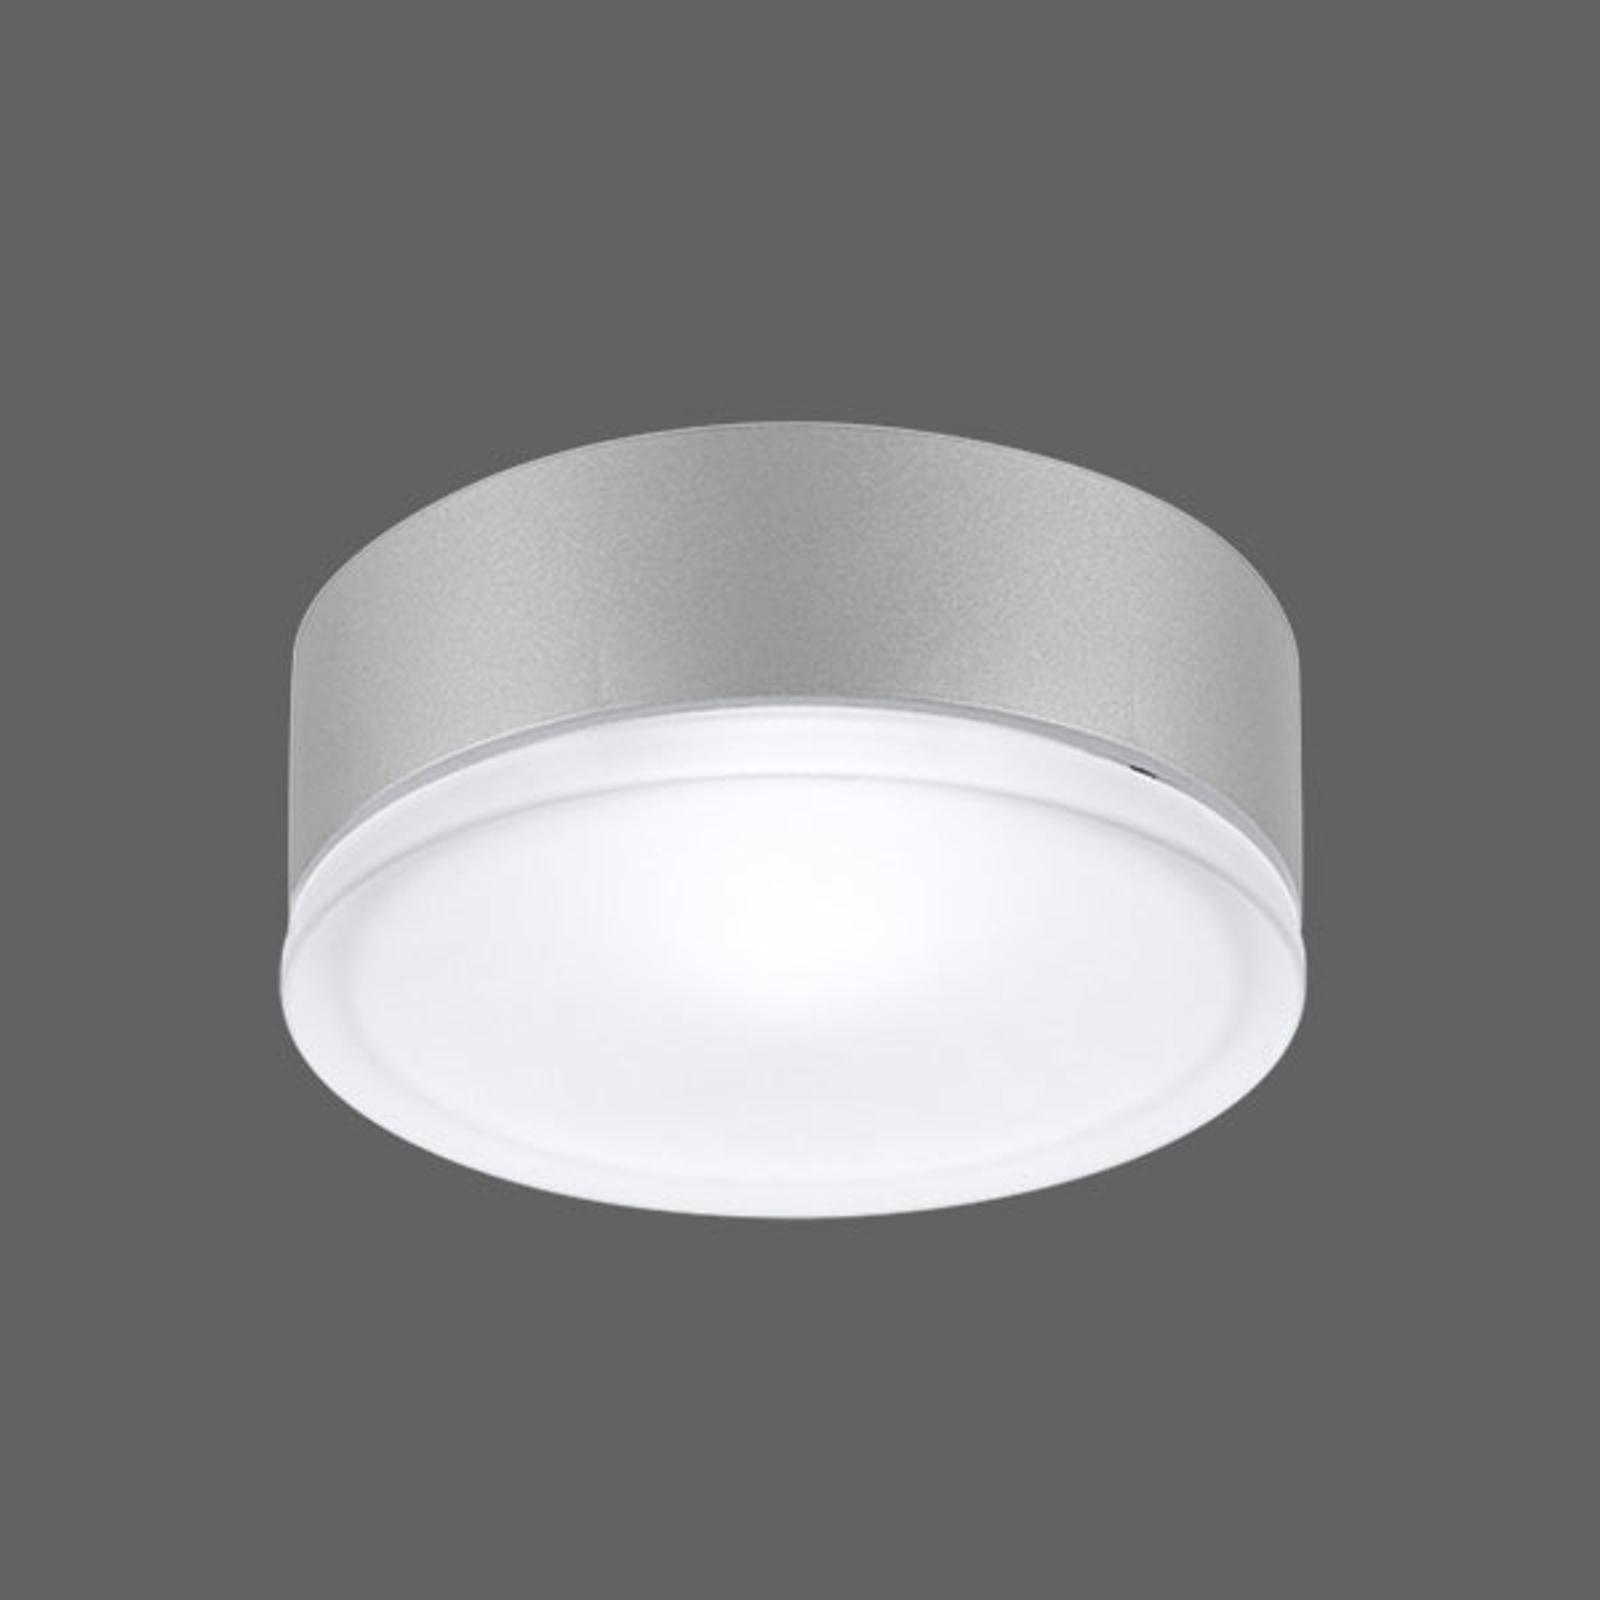 Effektive Wandleuchte Drop 22 LED grau 4.000K